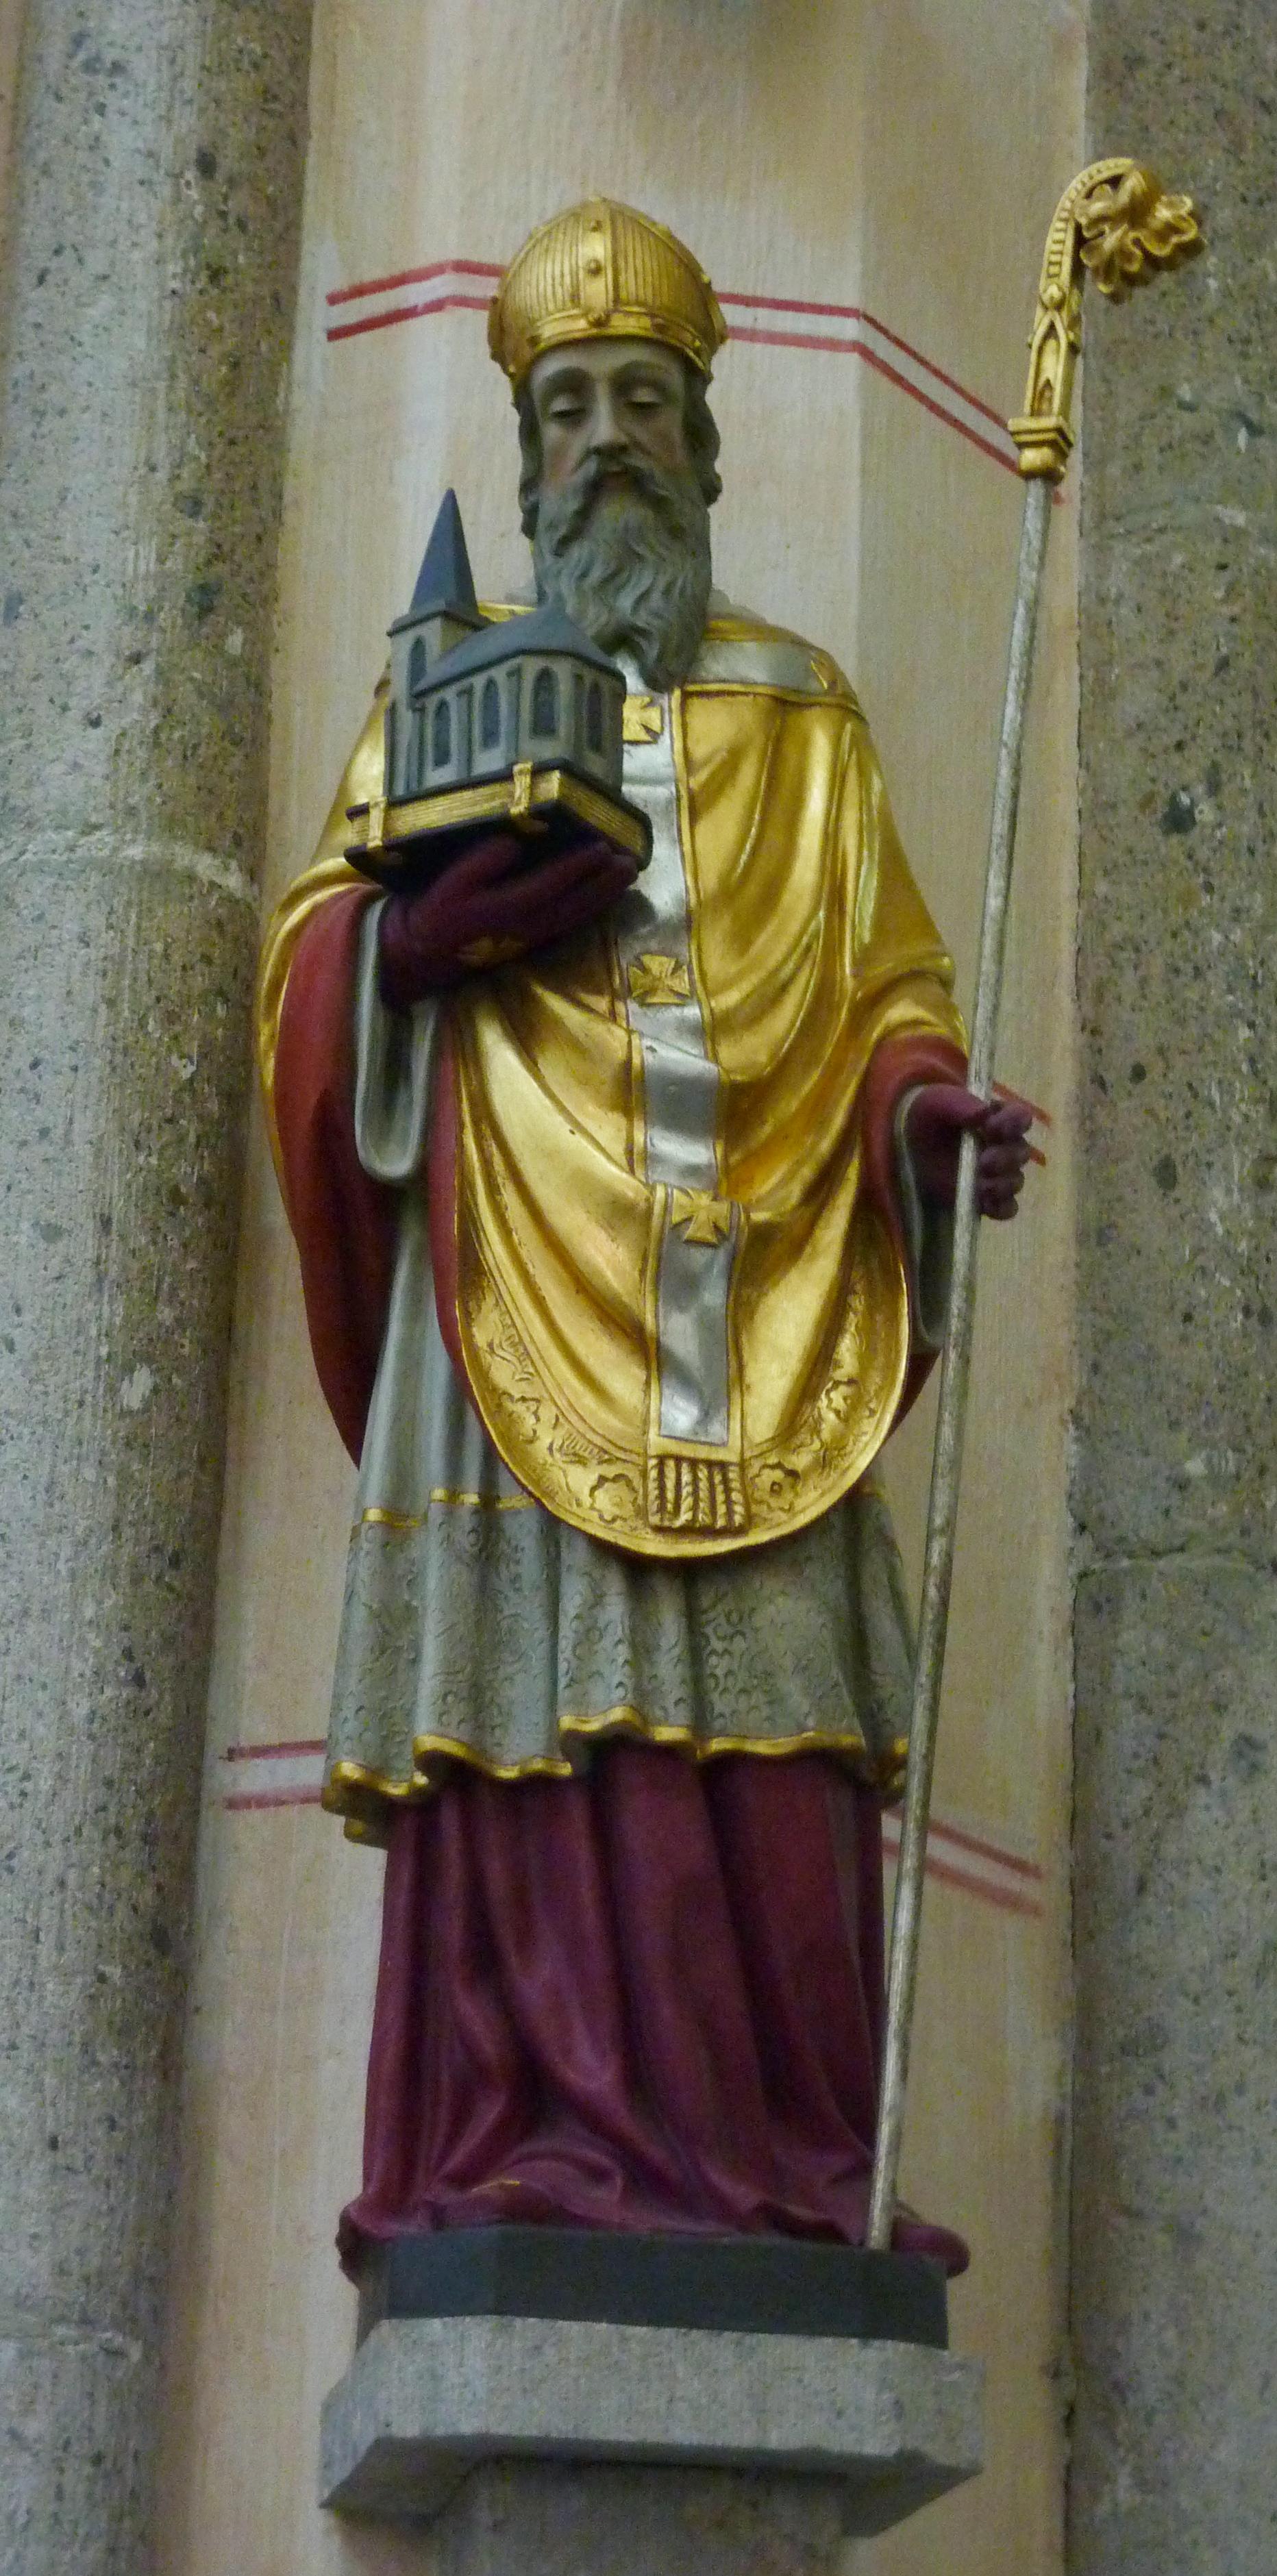 Statue av Maximin av Trier i den katolske sognekirken St. Maximin und Anna i Ettringen